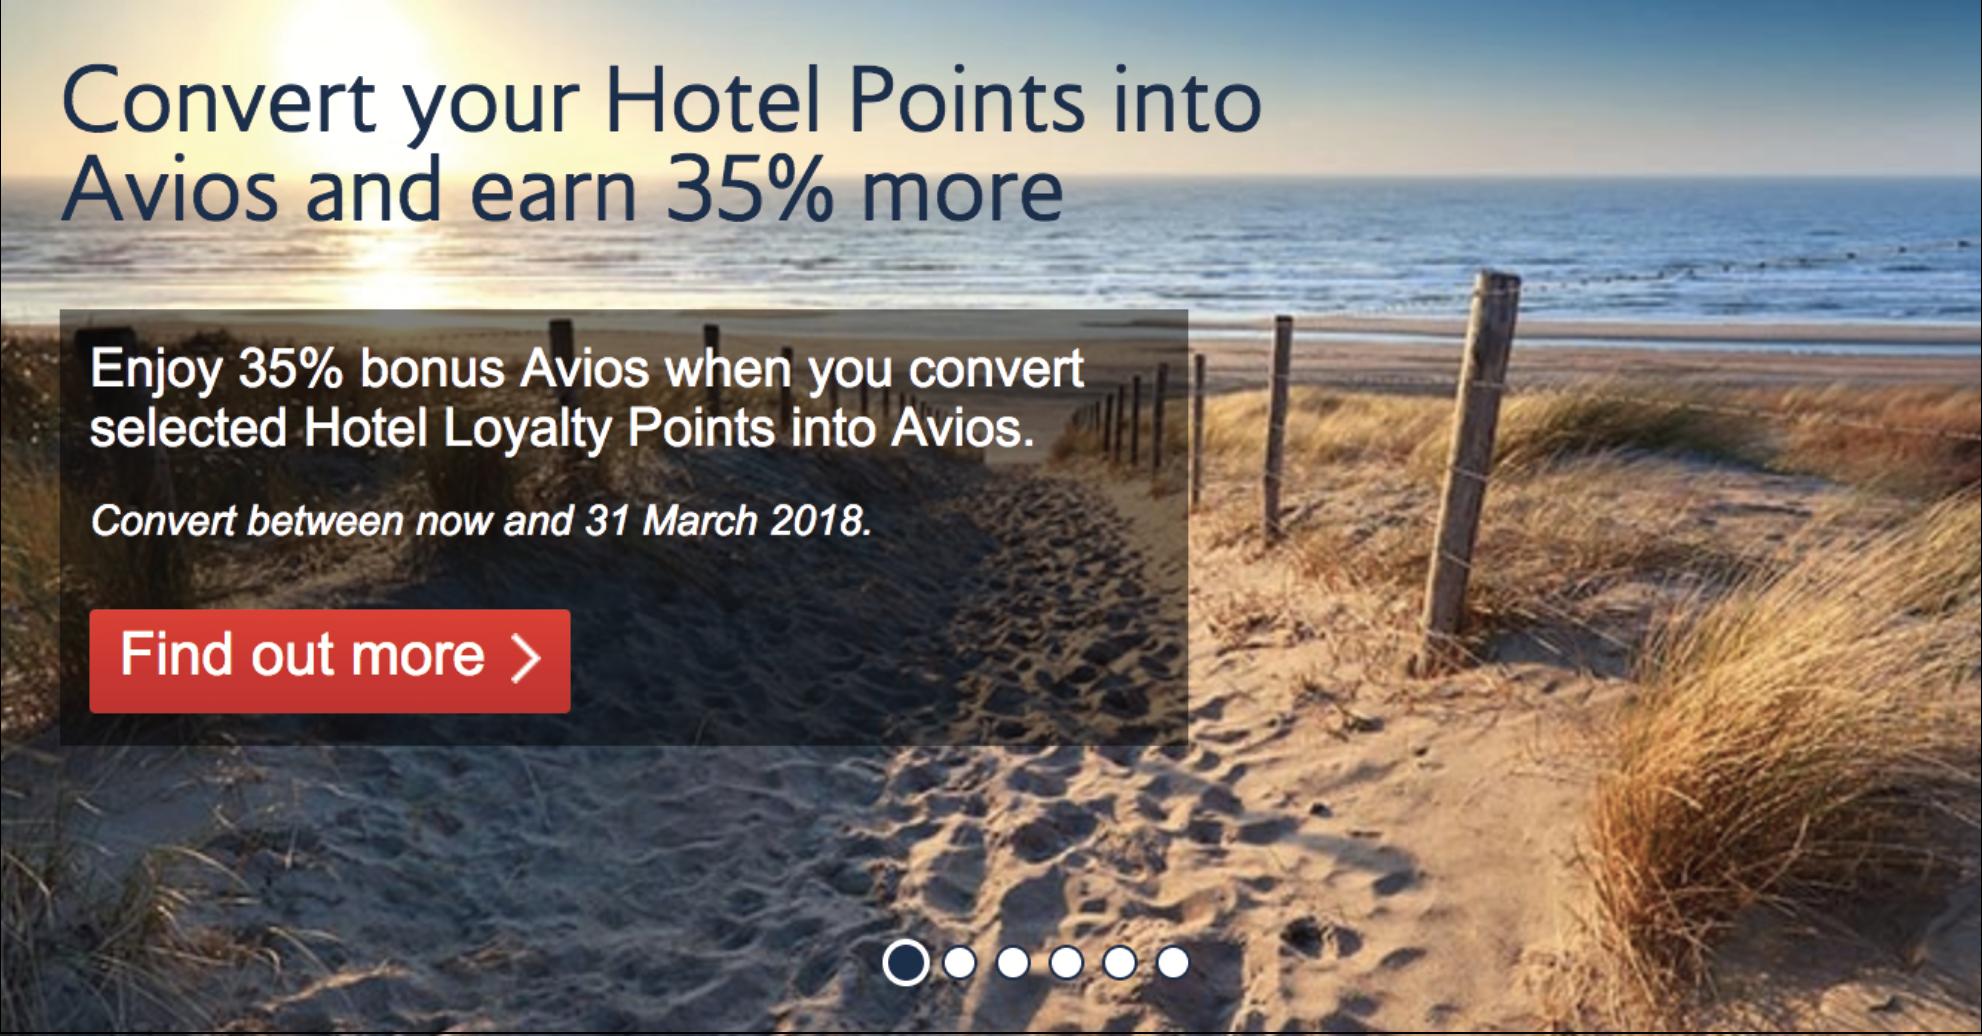 3月31日前將酒店積分轉換成Avios 有多35%!Hyatt、IHG、Marriott、Hilton都有參與!